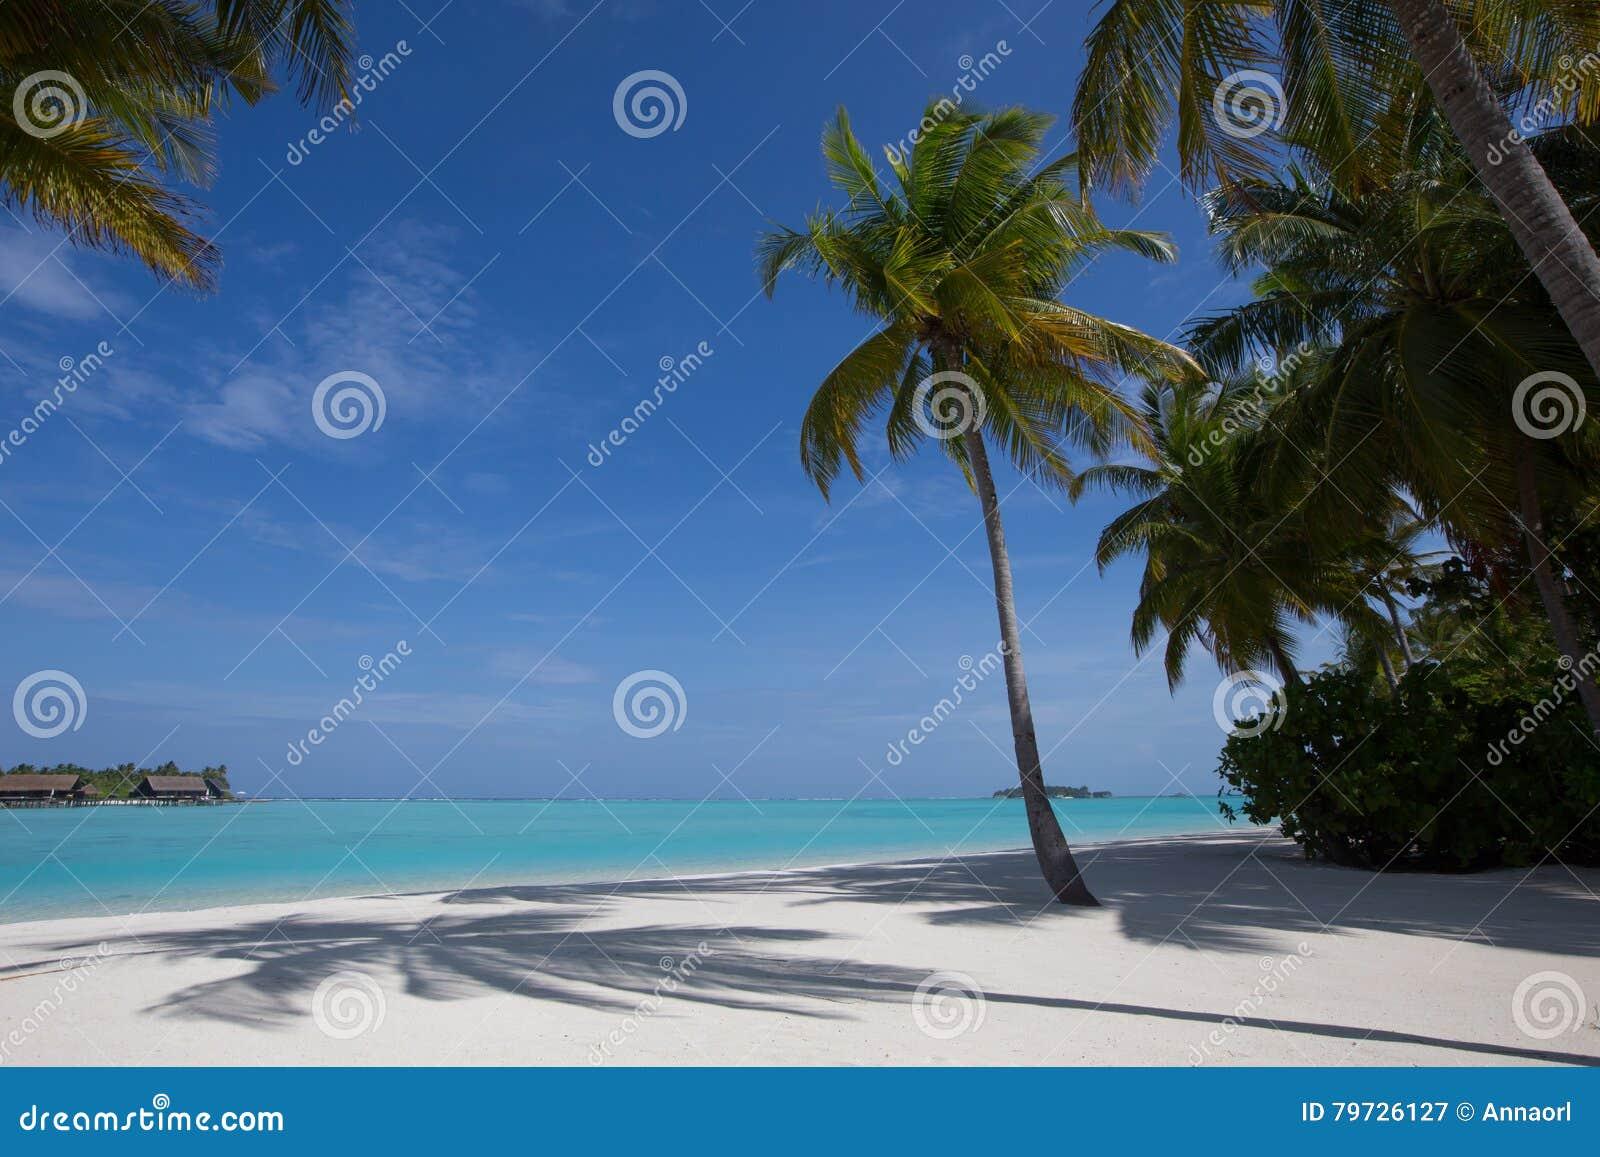 Vacaciones tropicales del paraíso - palmeras, arena y océano